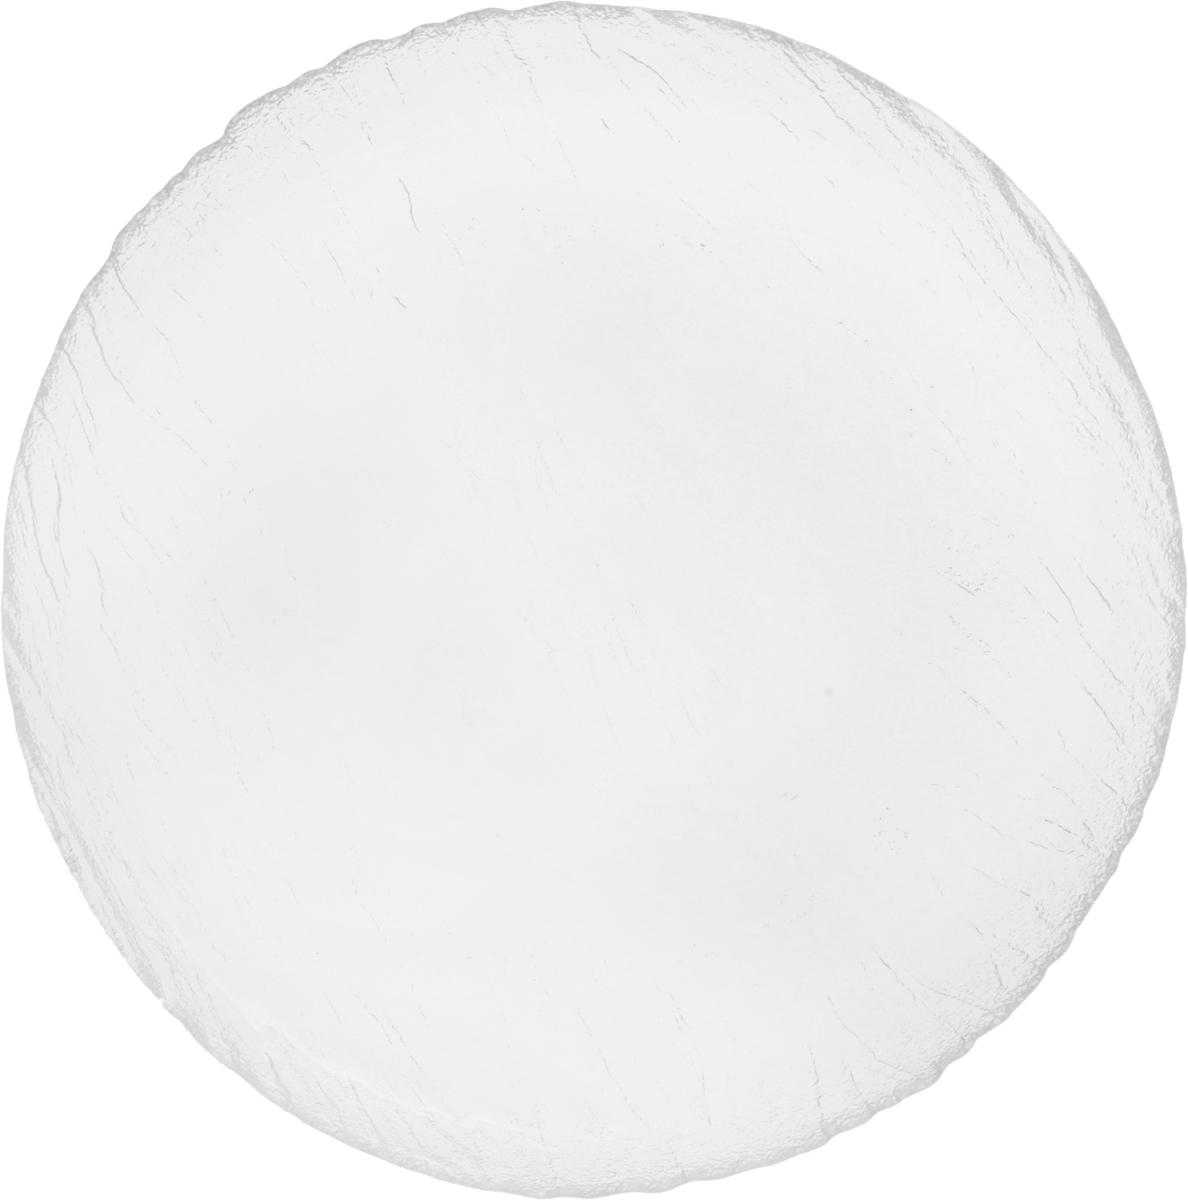 Тарелка обеденная OSZ Вулкан, цвет: прозрачный, диаметр 25 см шери уайтфезер вулкан страсти